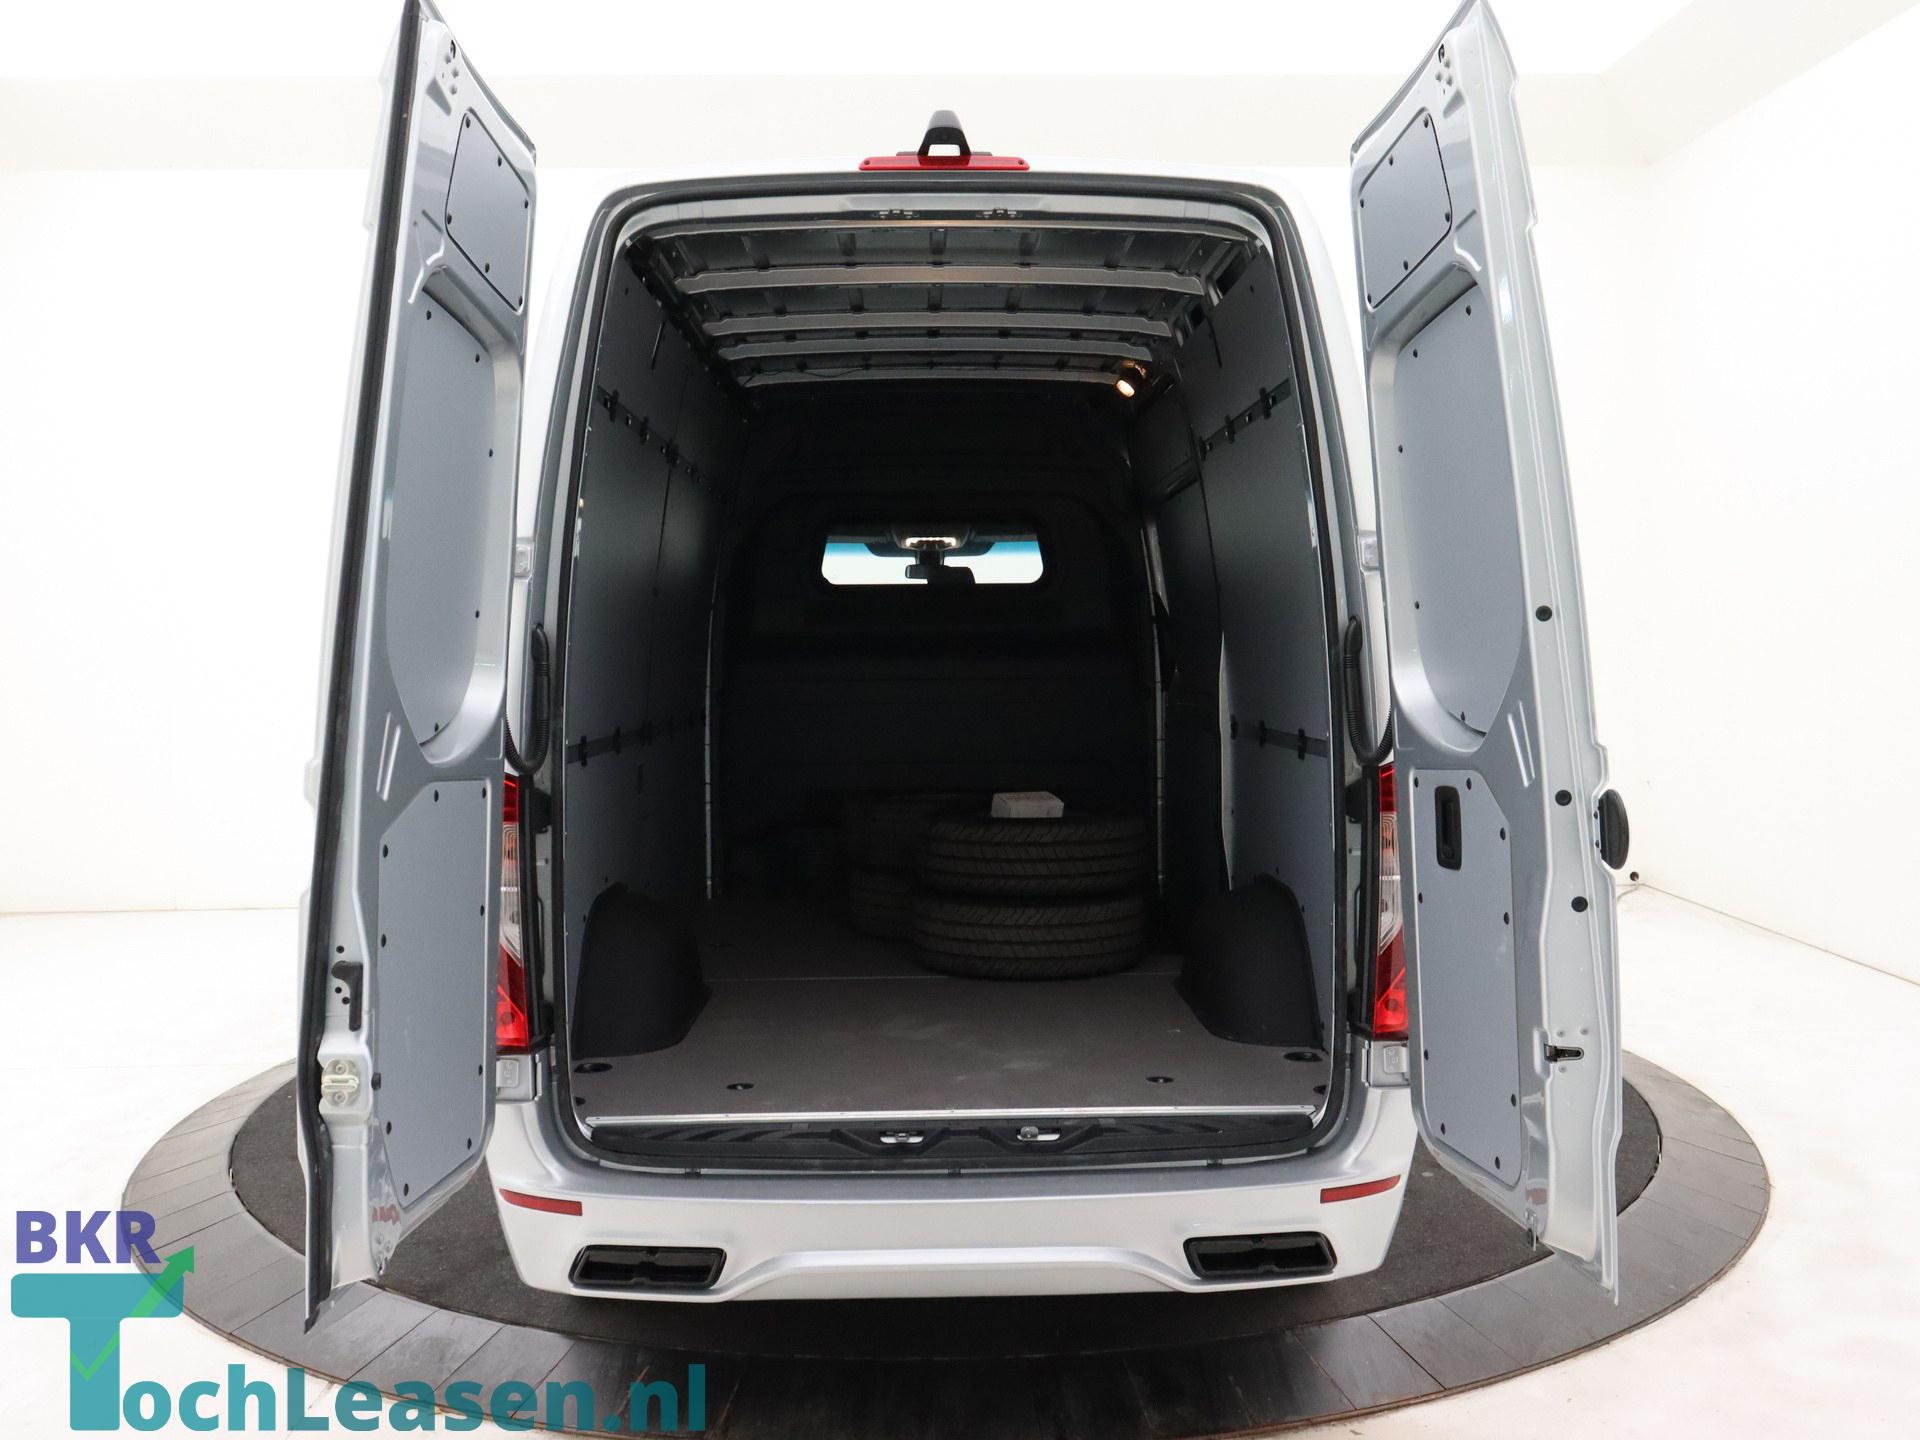 BKR toch leasen - Mercedes-Benz Sprinter - Zilver 16